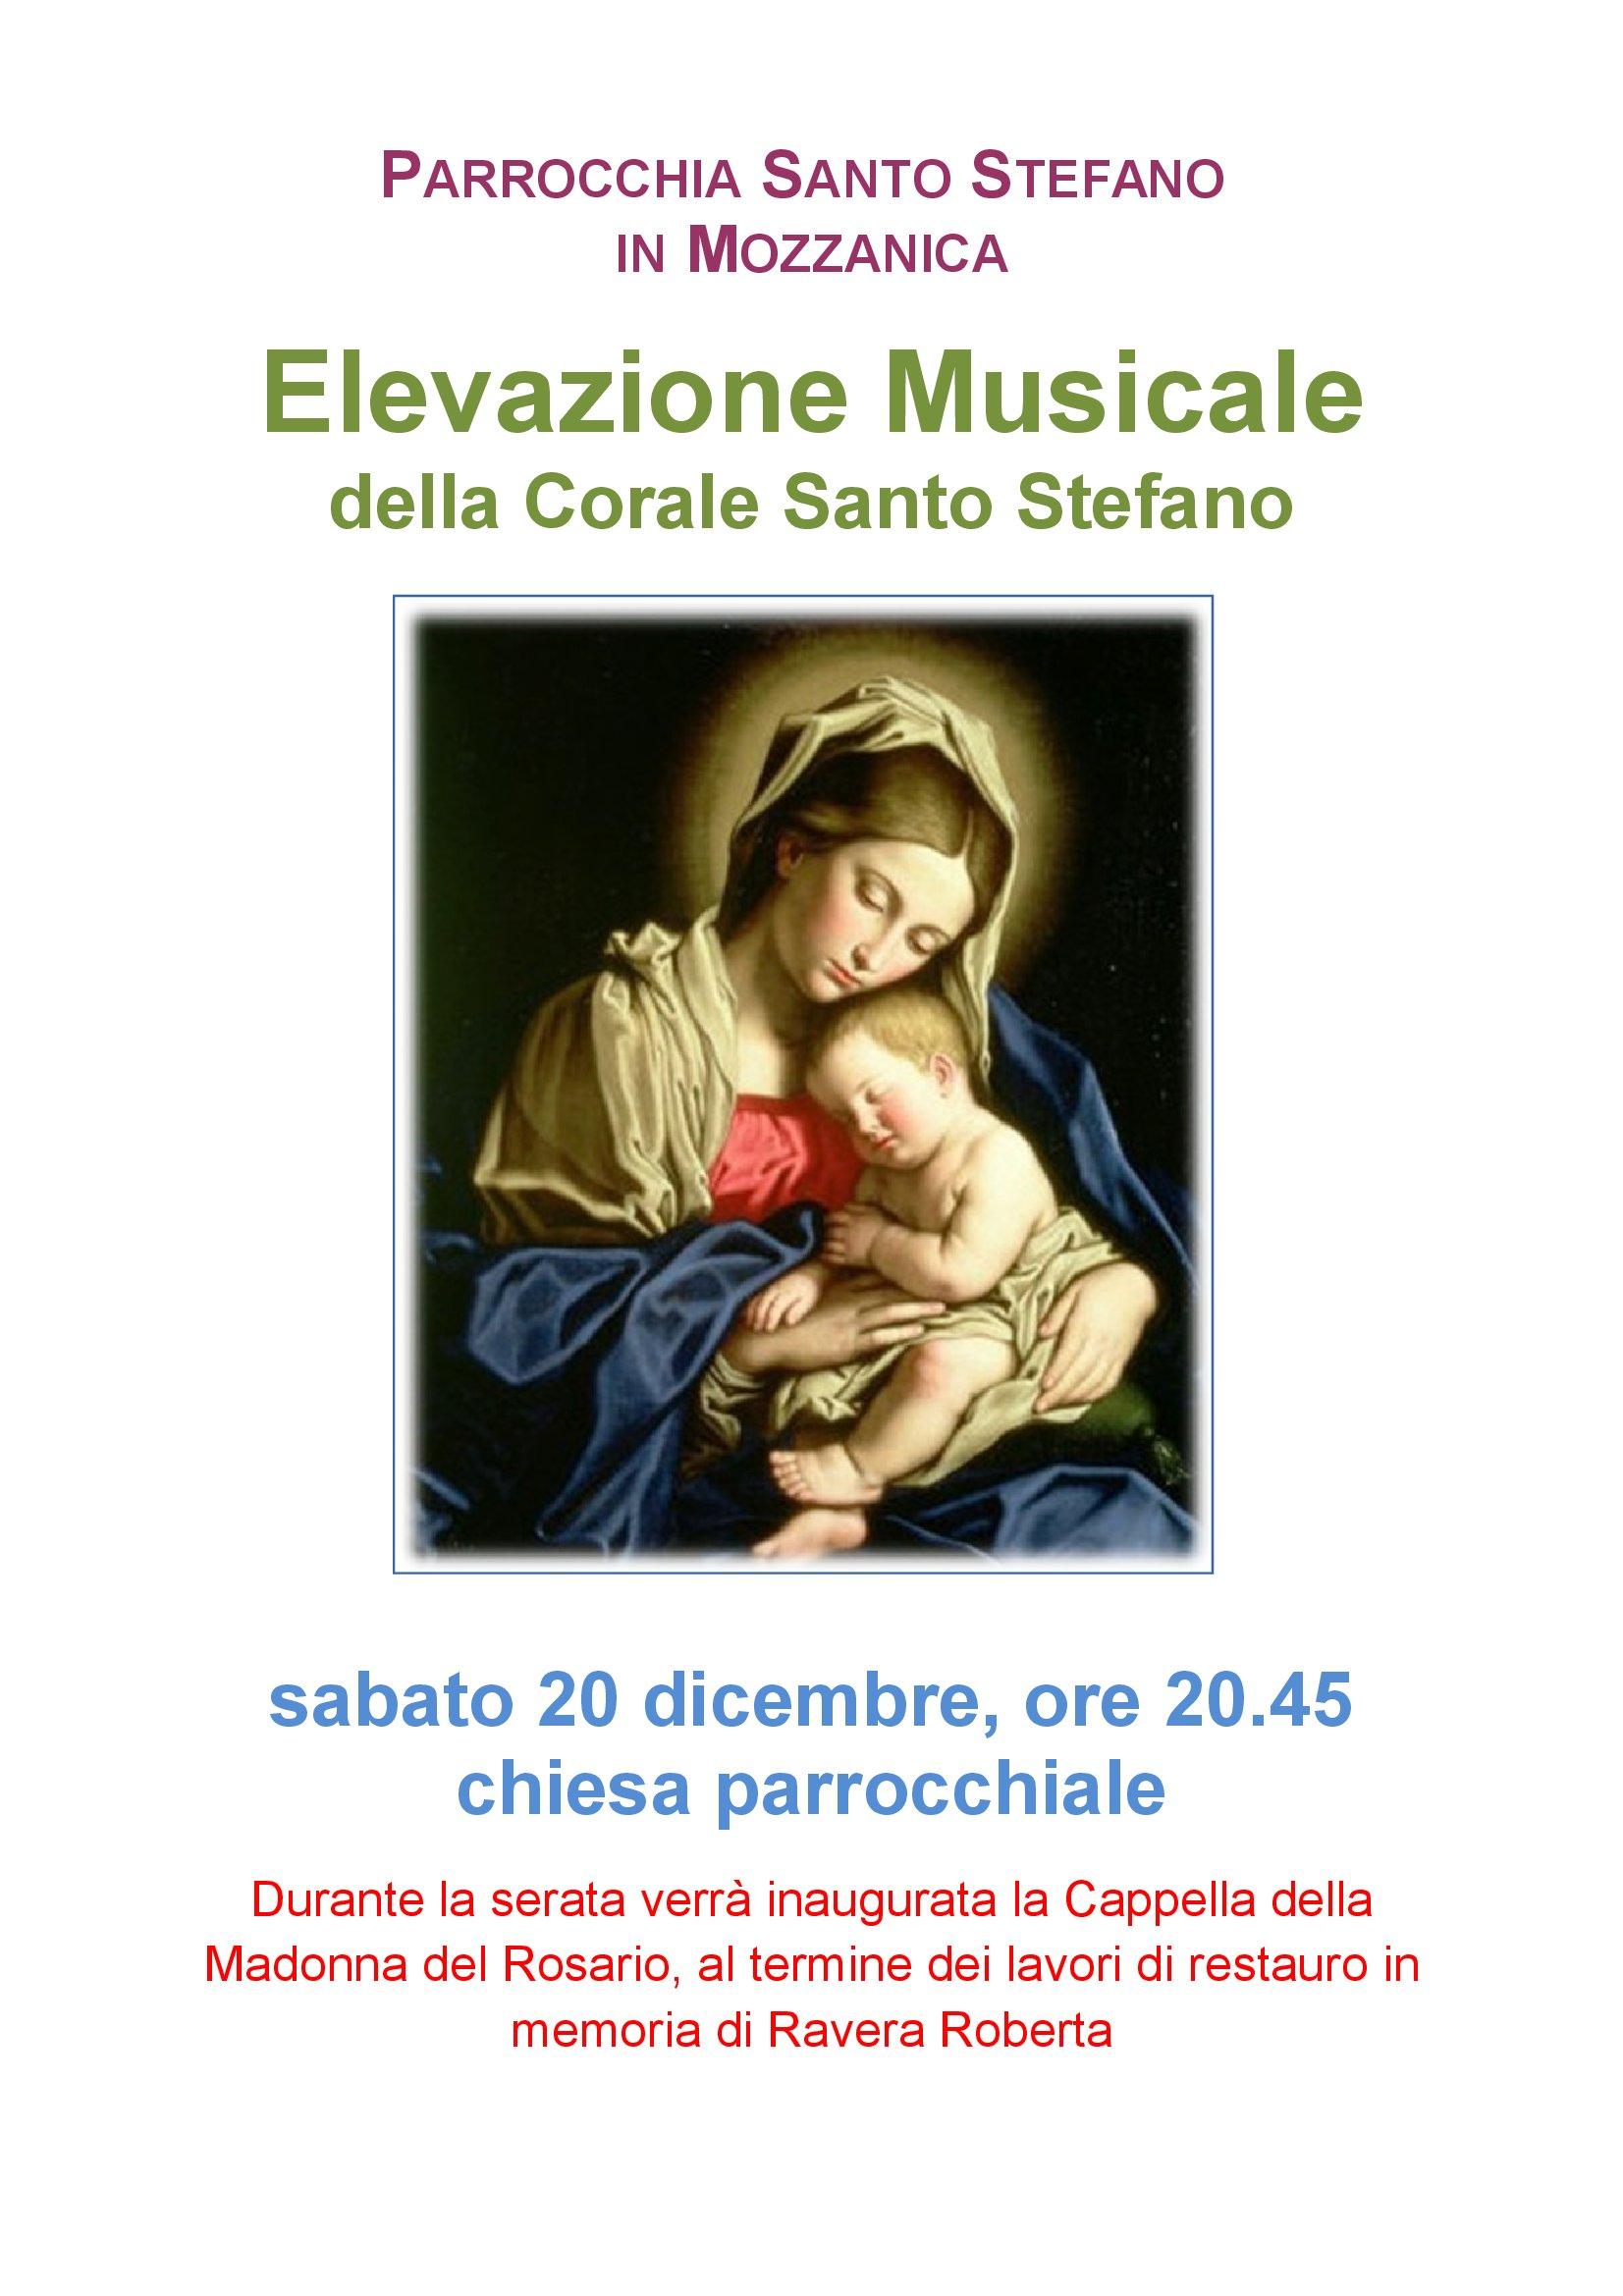 20 dicembre santo